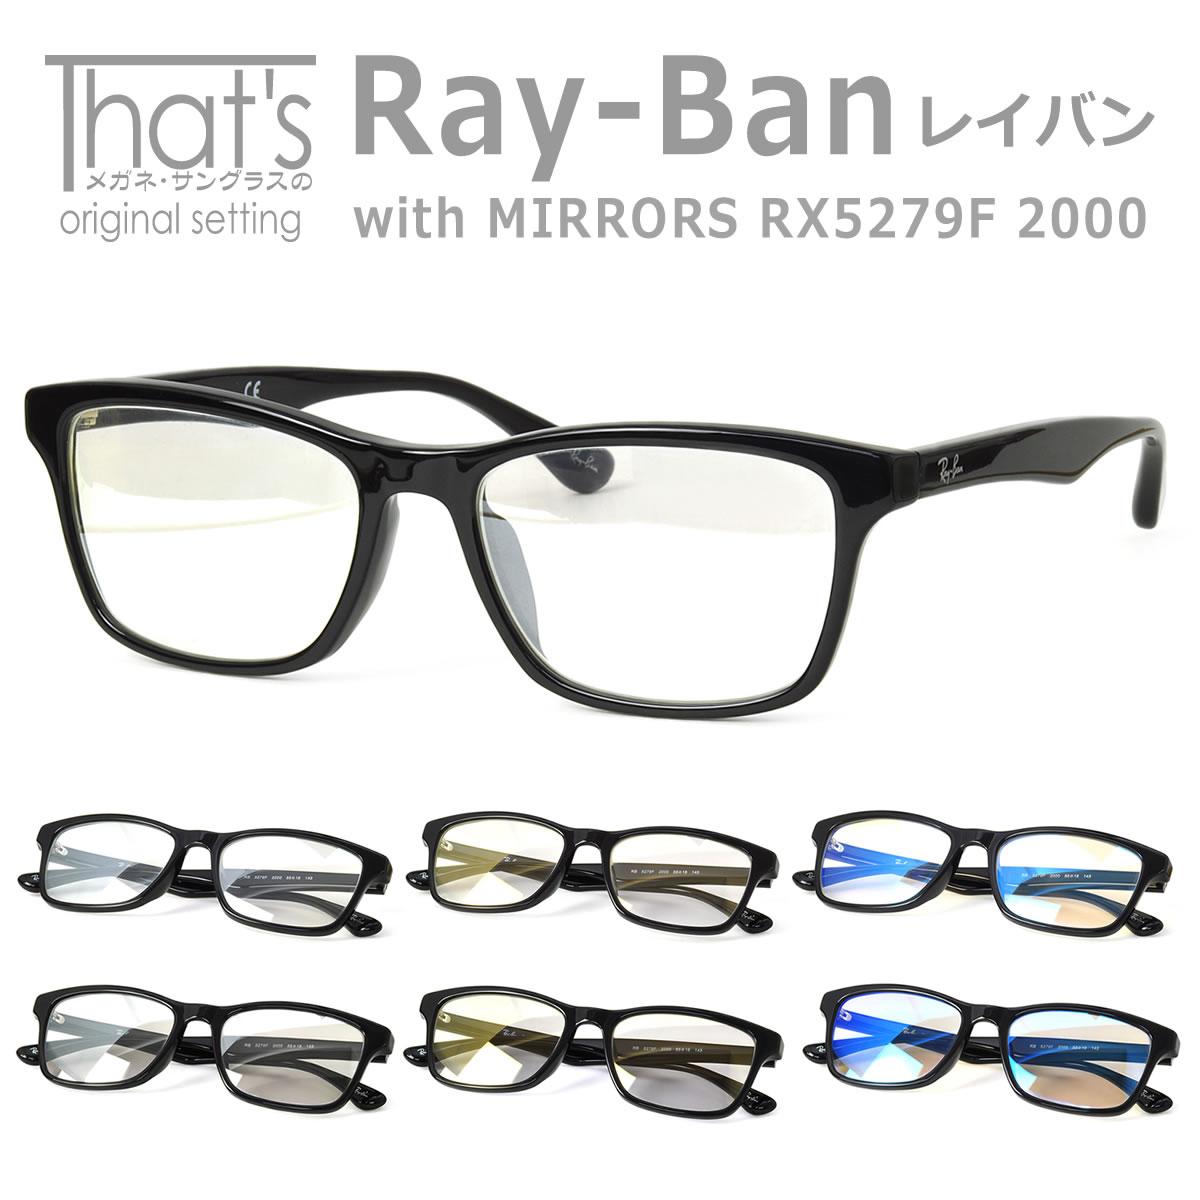 That's オリジナル レイバン with ライトミラー サングラスセット Ray-Ban RX5279F 2000 Ray-Ban RayBan カラーミラー クリアミラー メガネ フレーム ブルーライトカット メンズ レディース